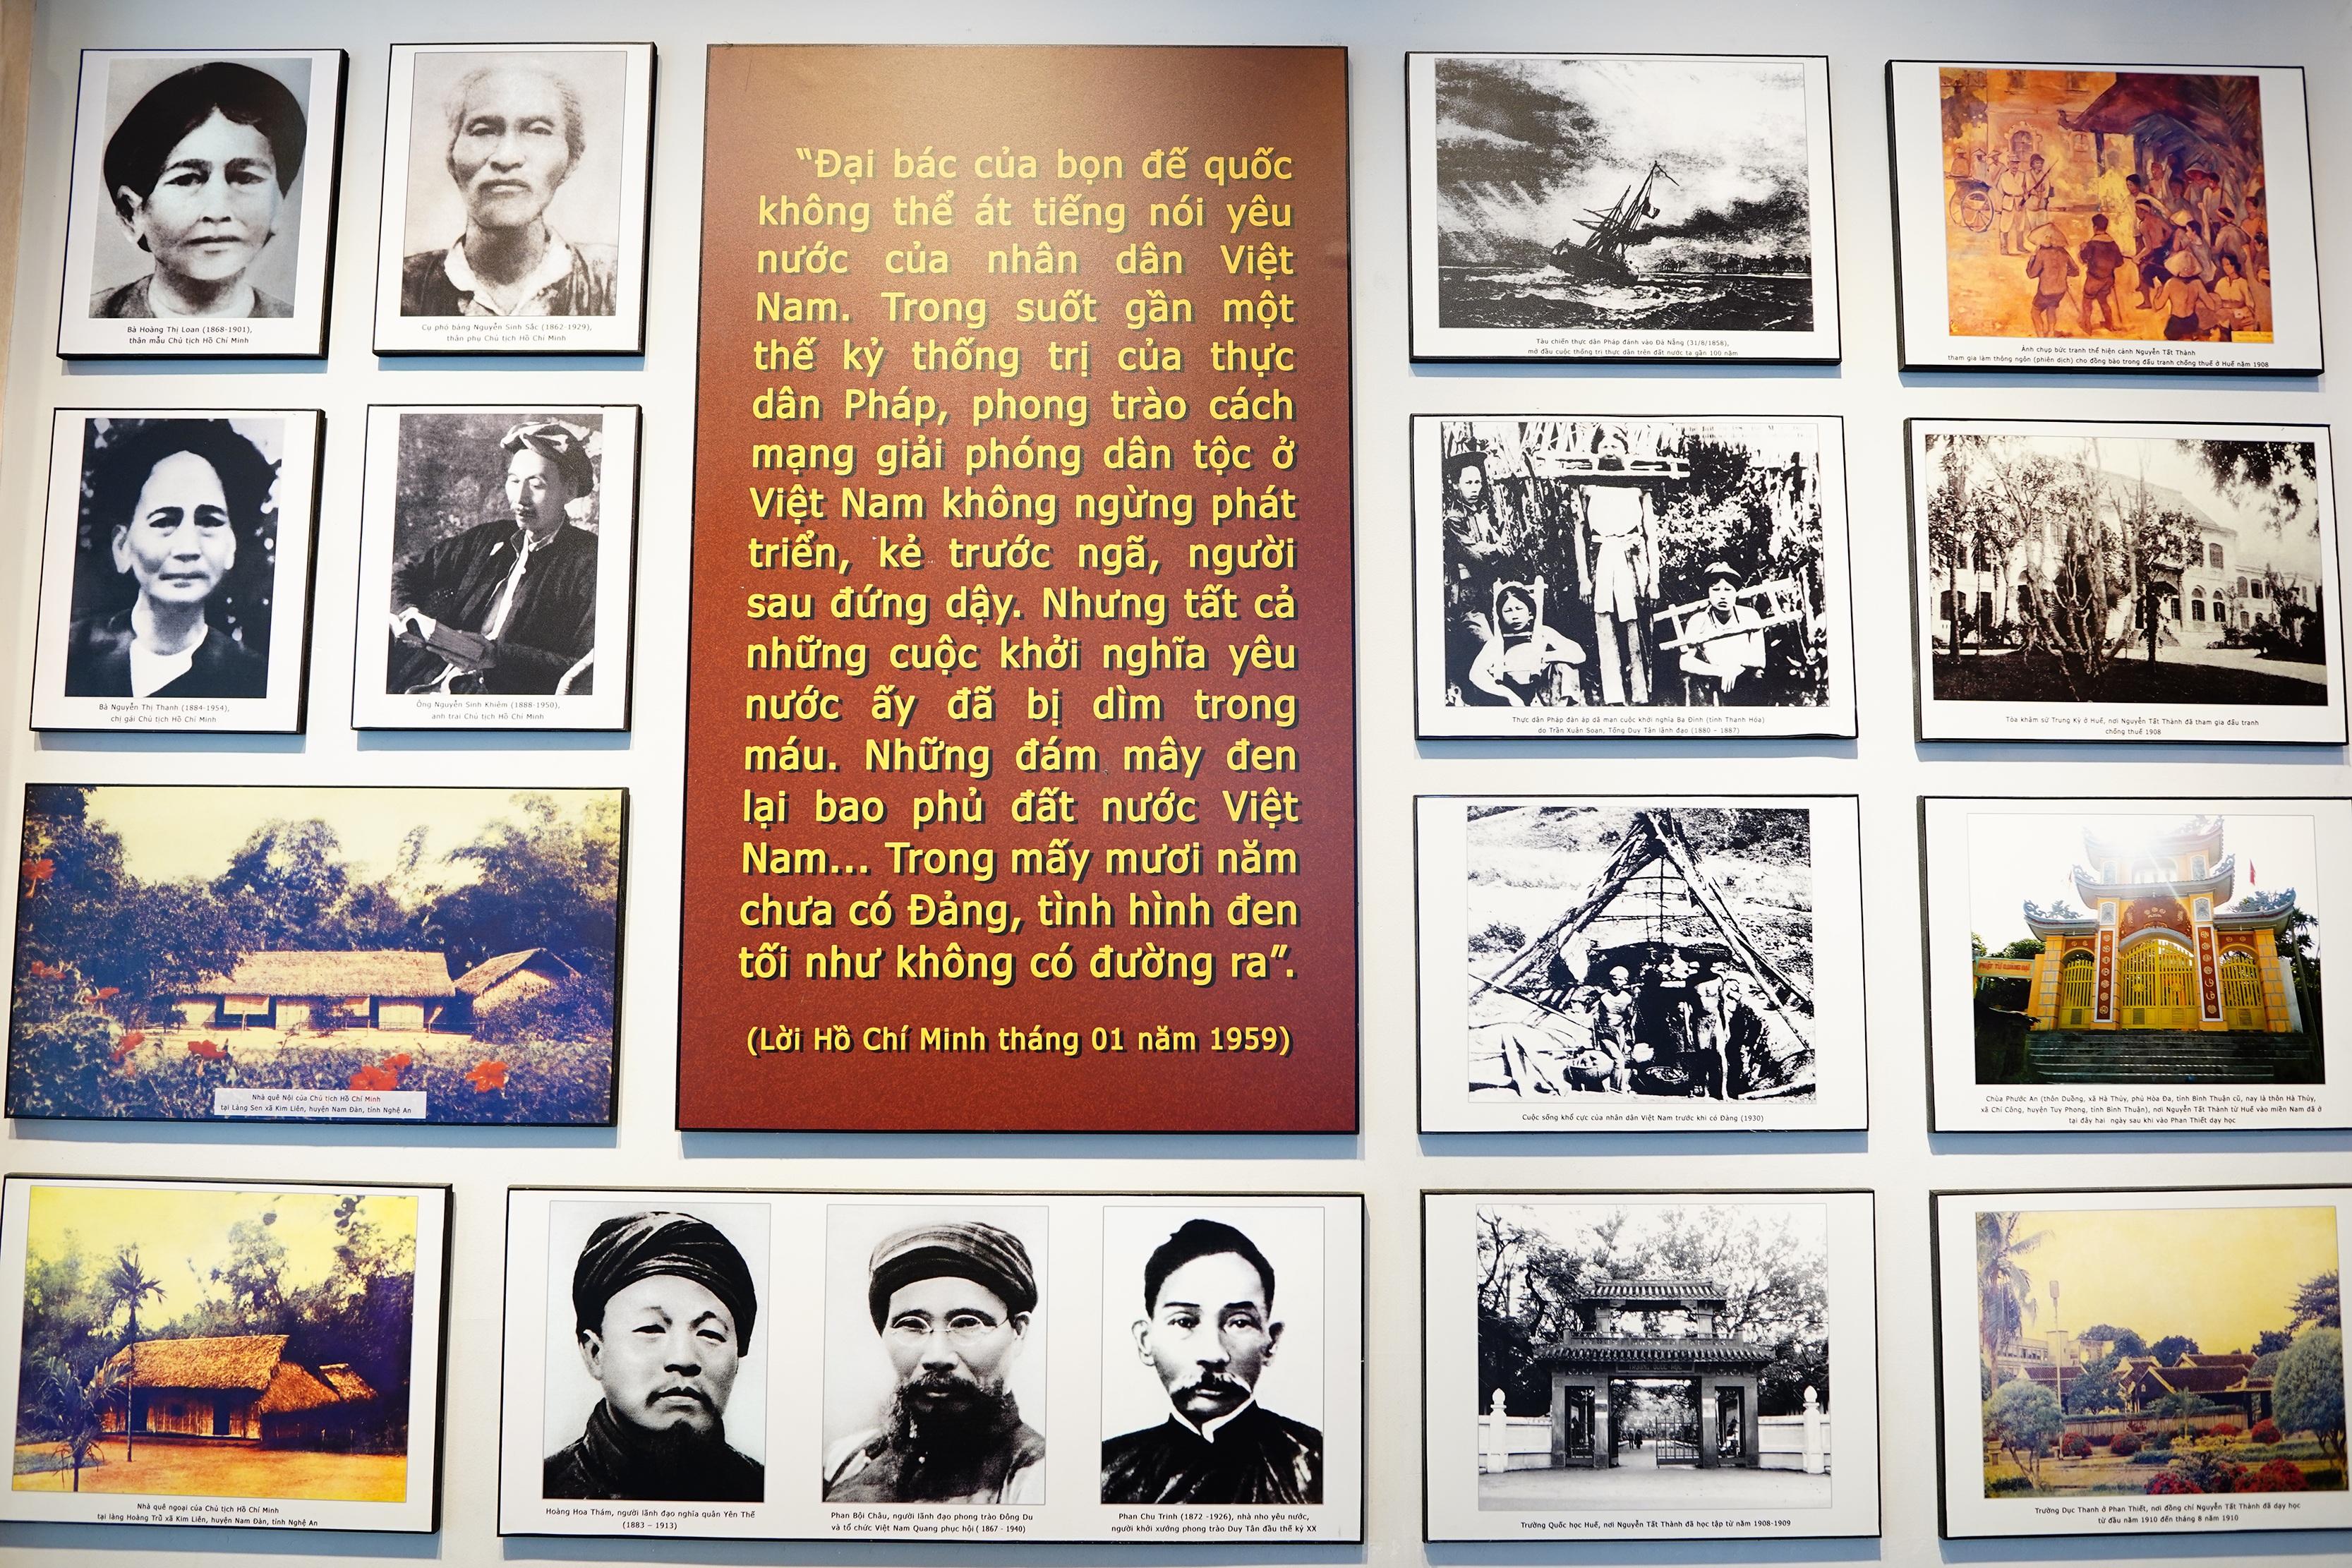 Chốn đi về của chàng trai trẻ Nguyễn Tất Thành ở Sài Gòn - 6